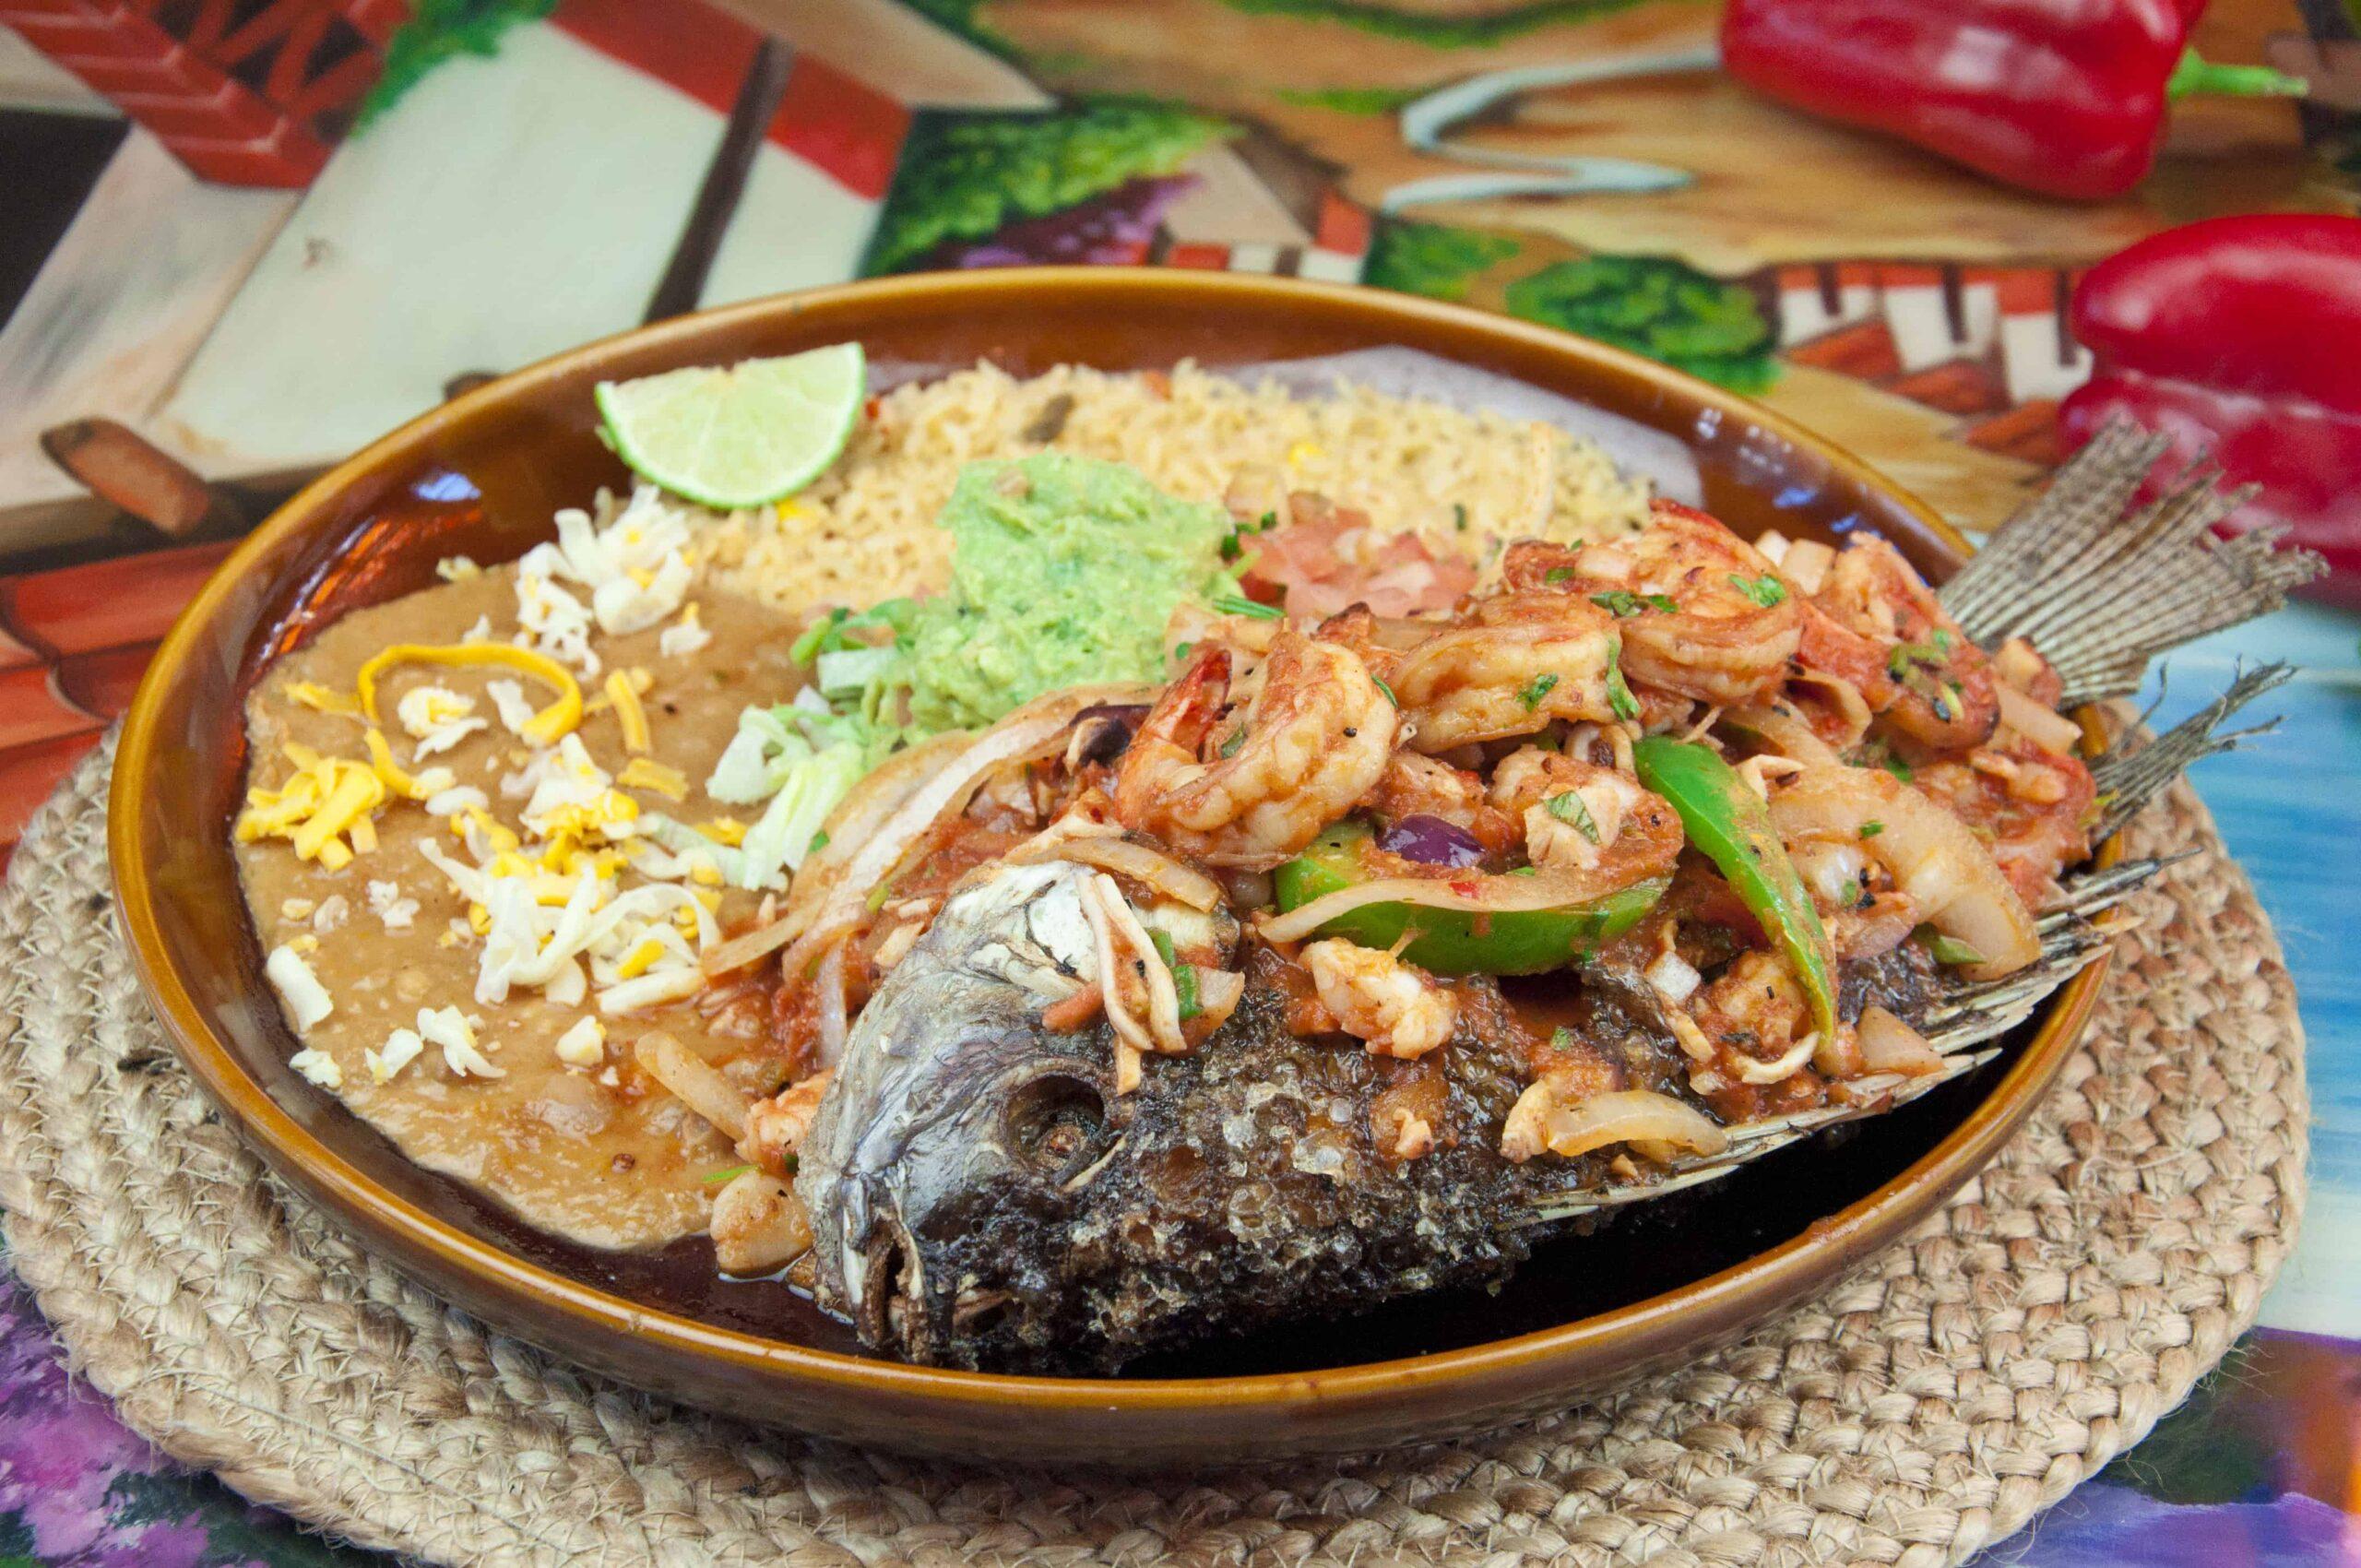 mojarra rellena fiesta mexicana